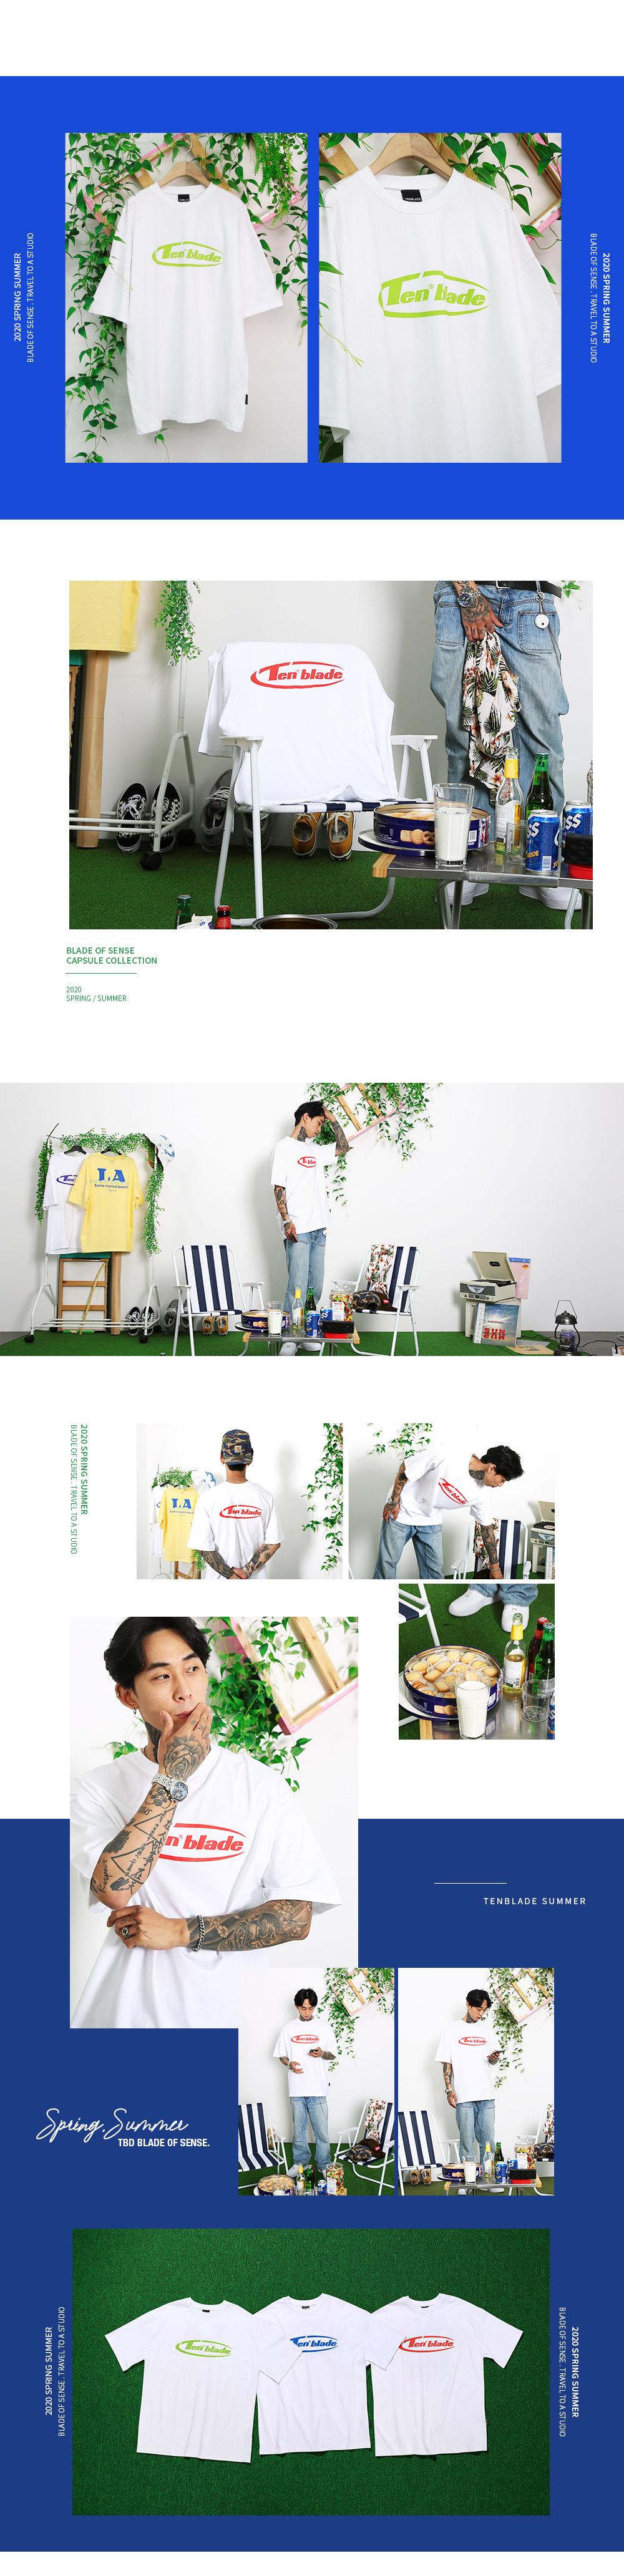 tbj139ss-white-green_02.jpg